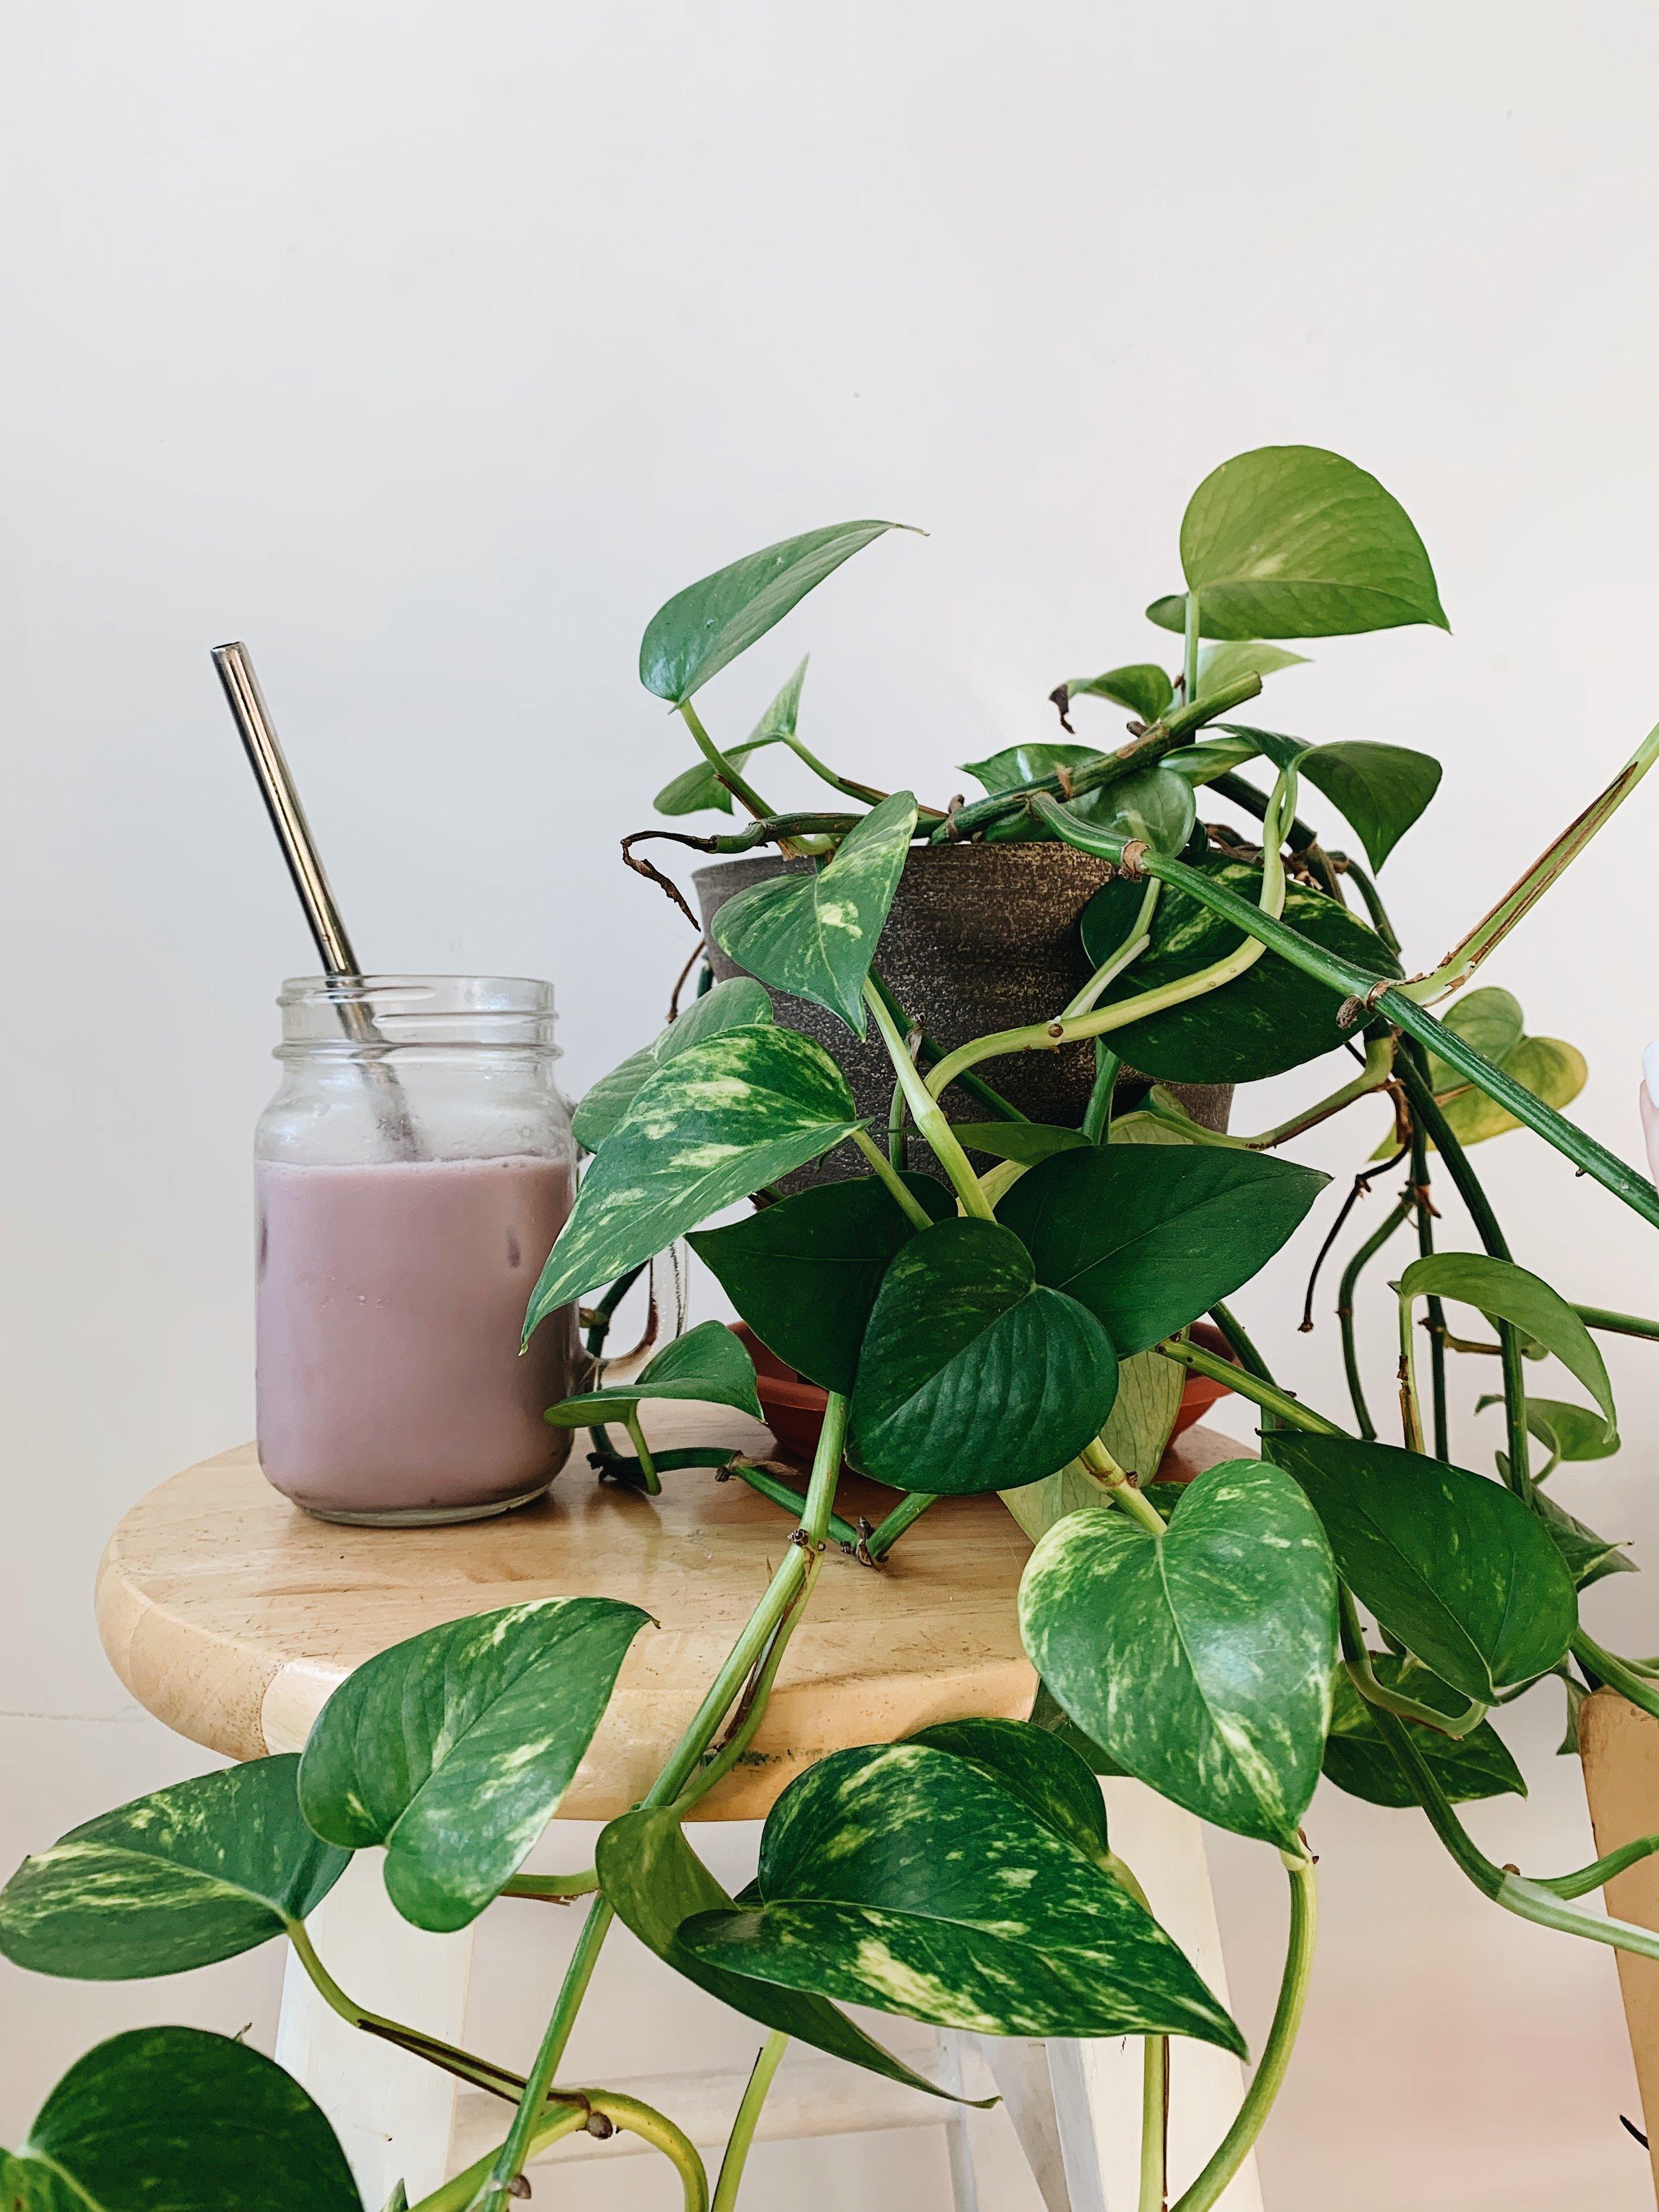 Starbucks Copycat: Quick, Cheap, Healthy & Delicious Lavender Drink